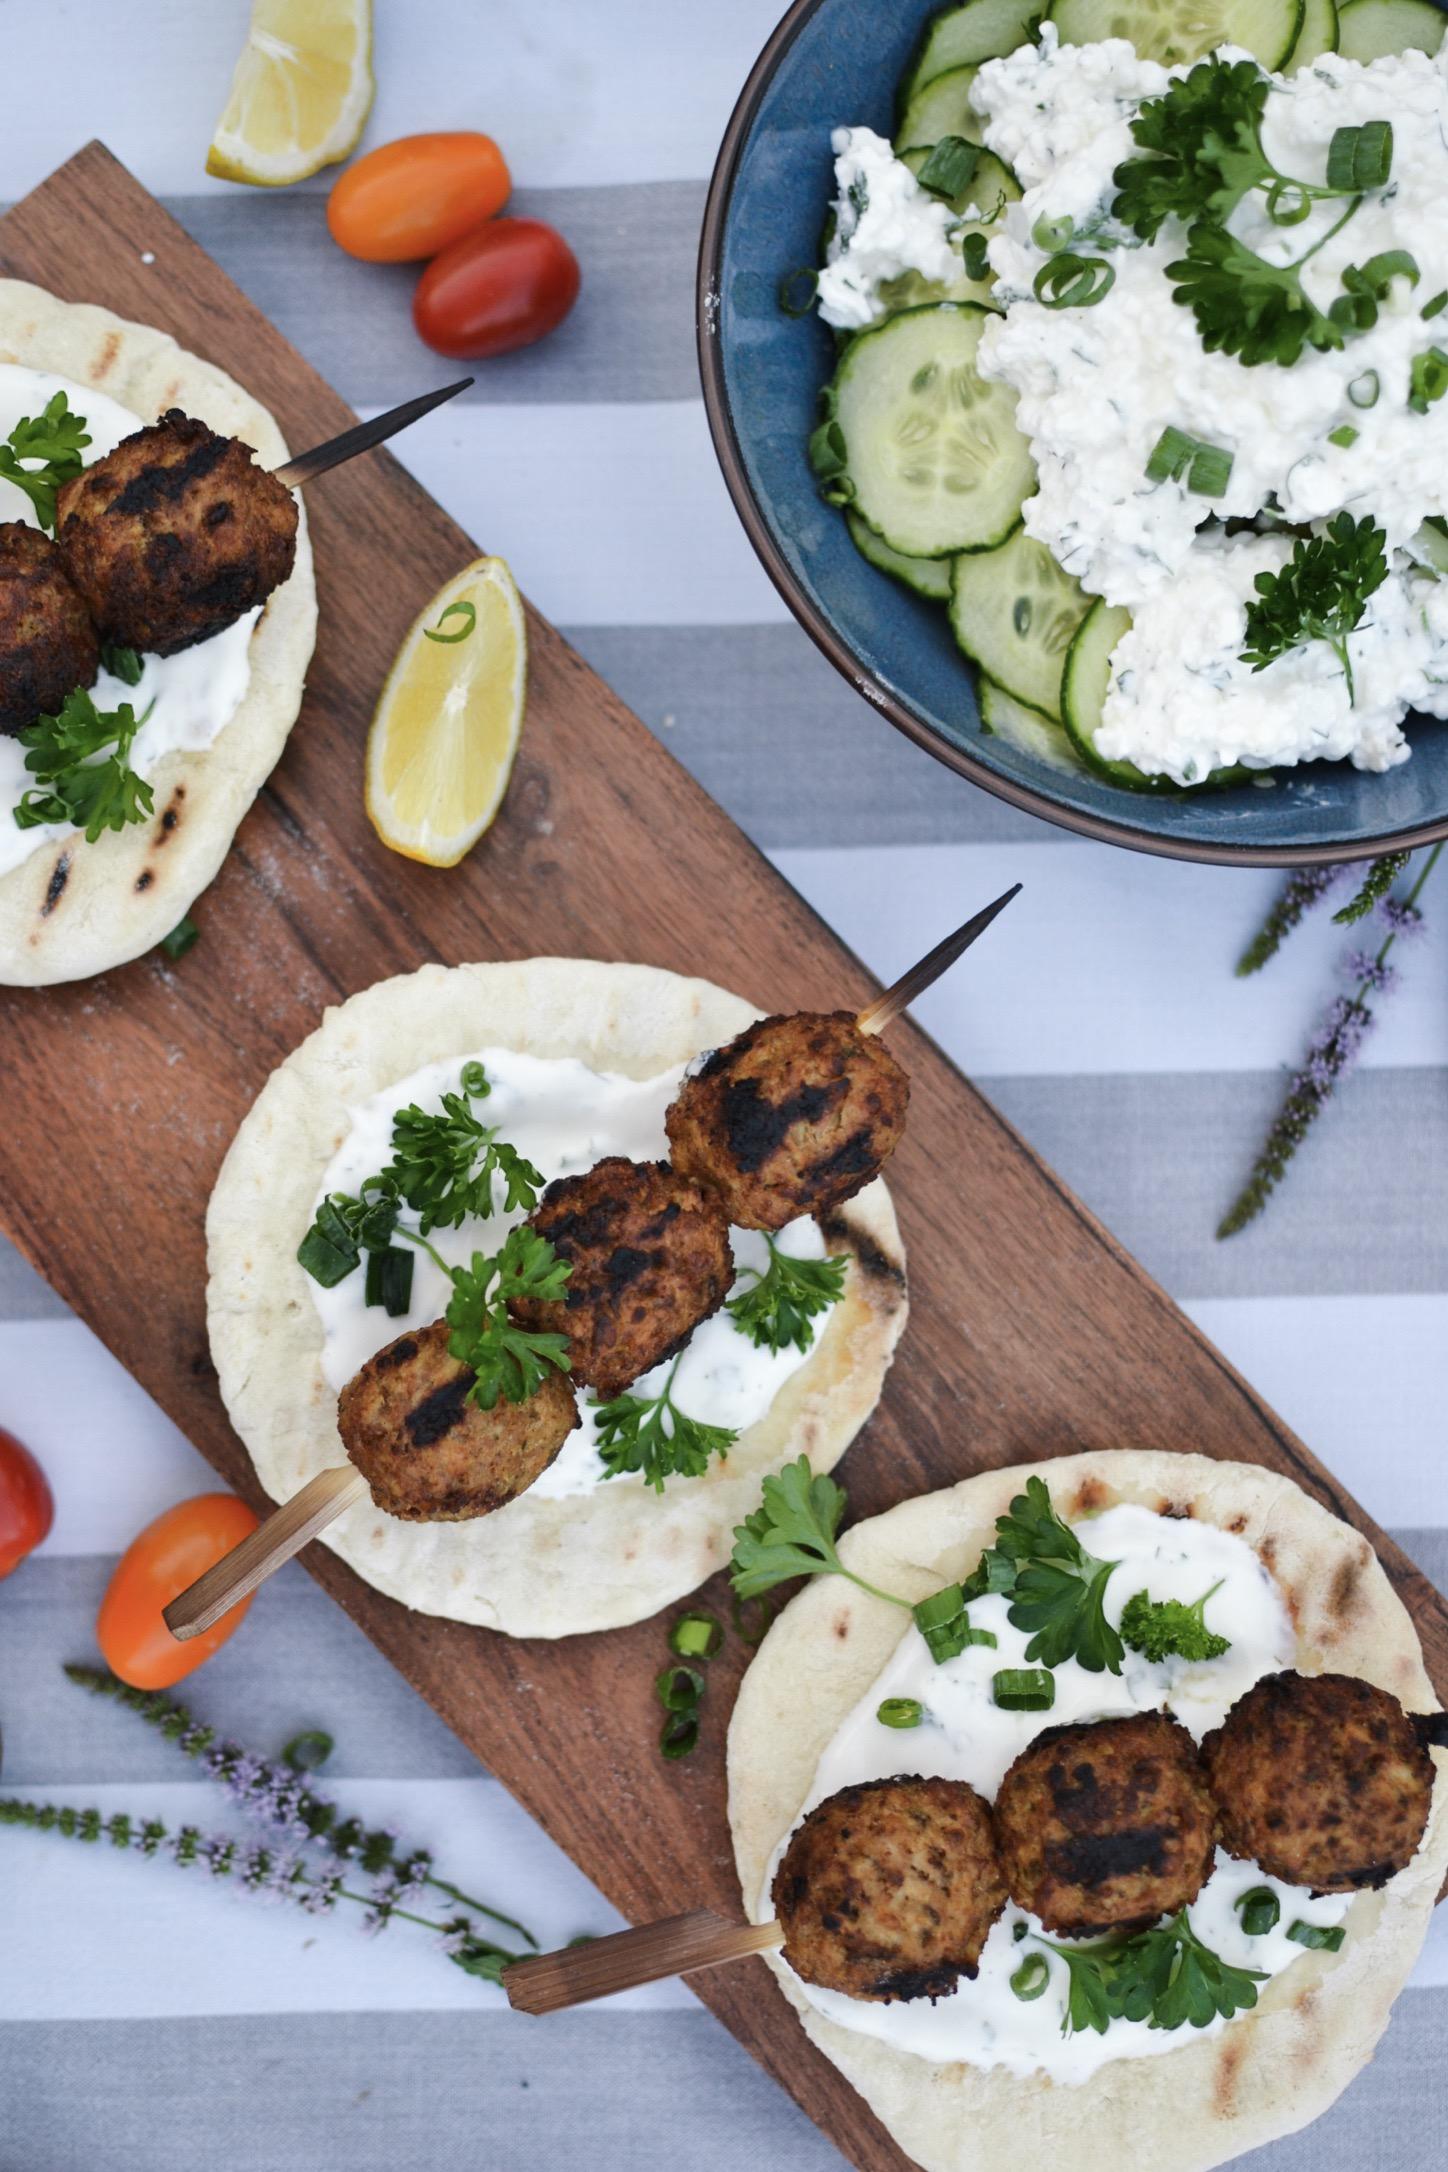 Un bon BBQ végétarien avec quelques brochettes de boulettes veggie, des pains plats maison et une délicieuse salade de concombres